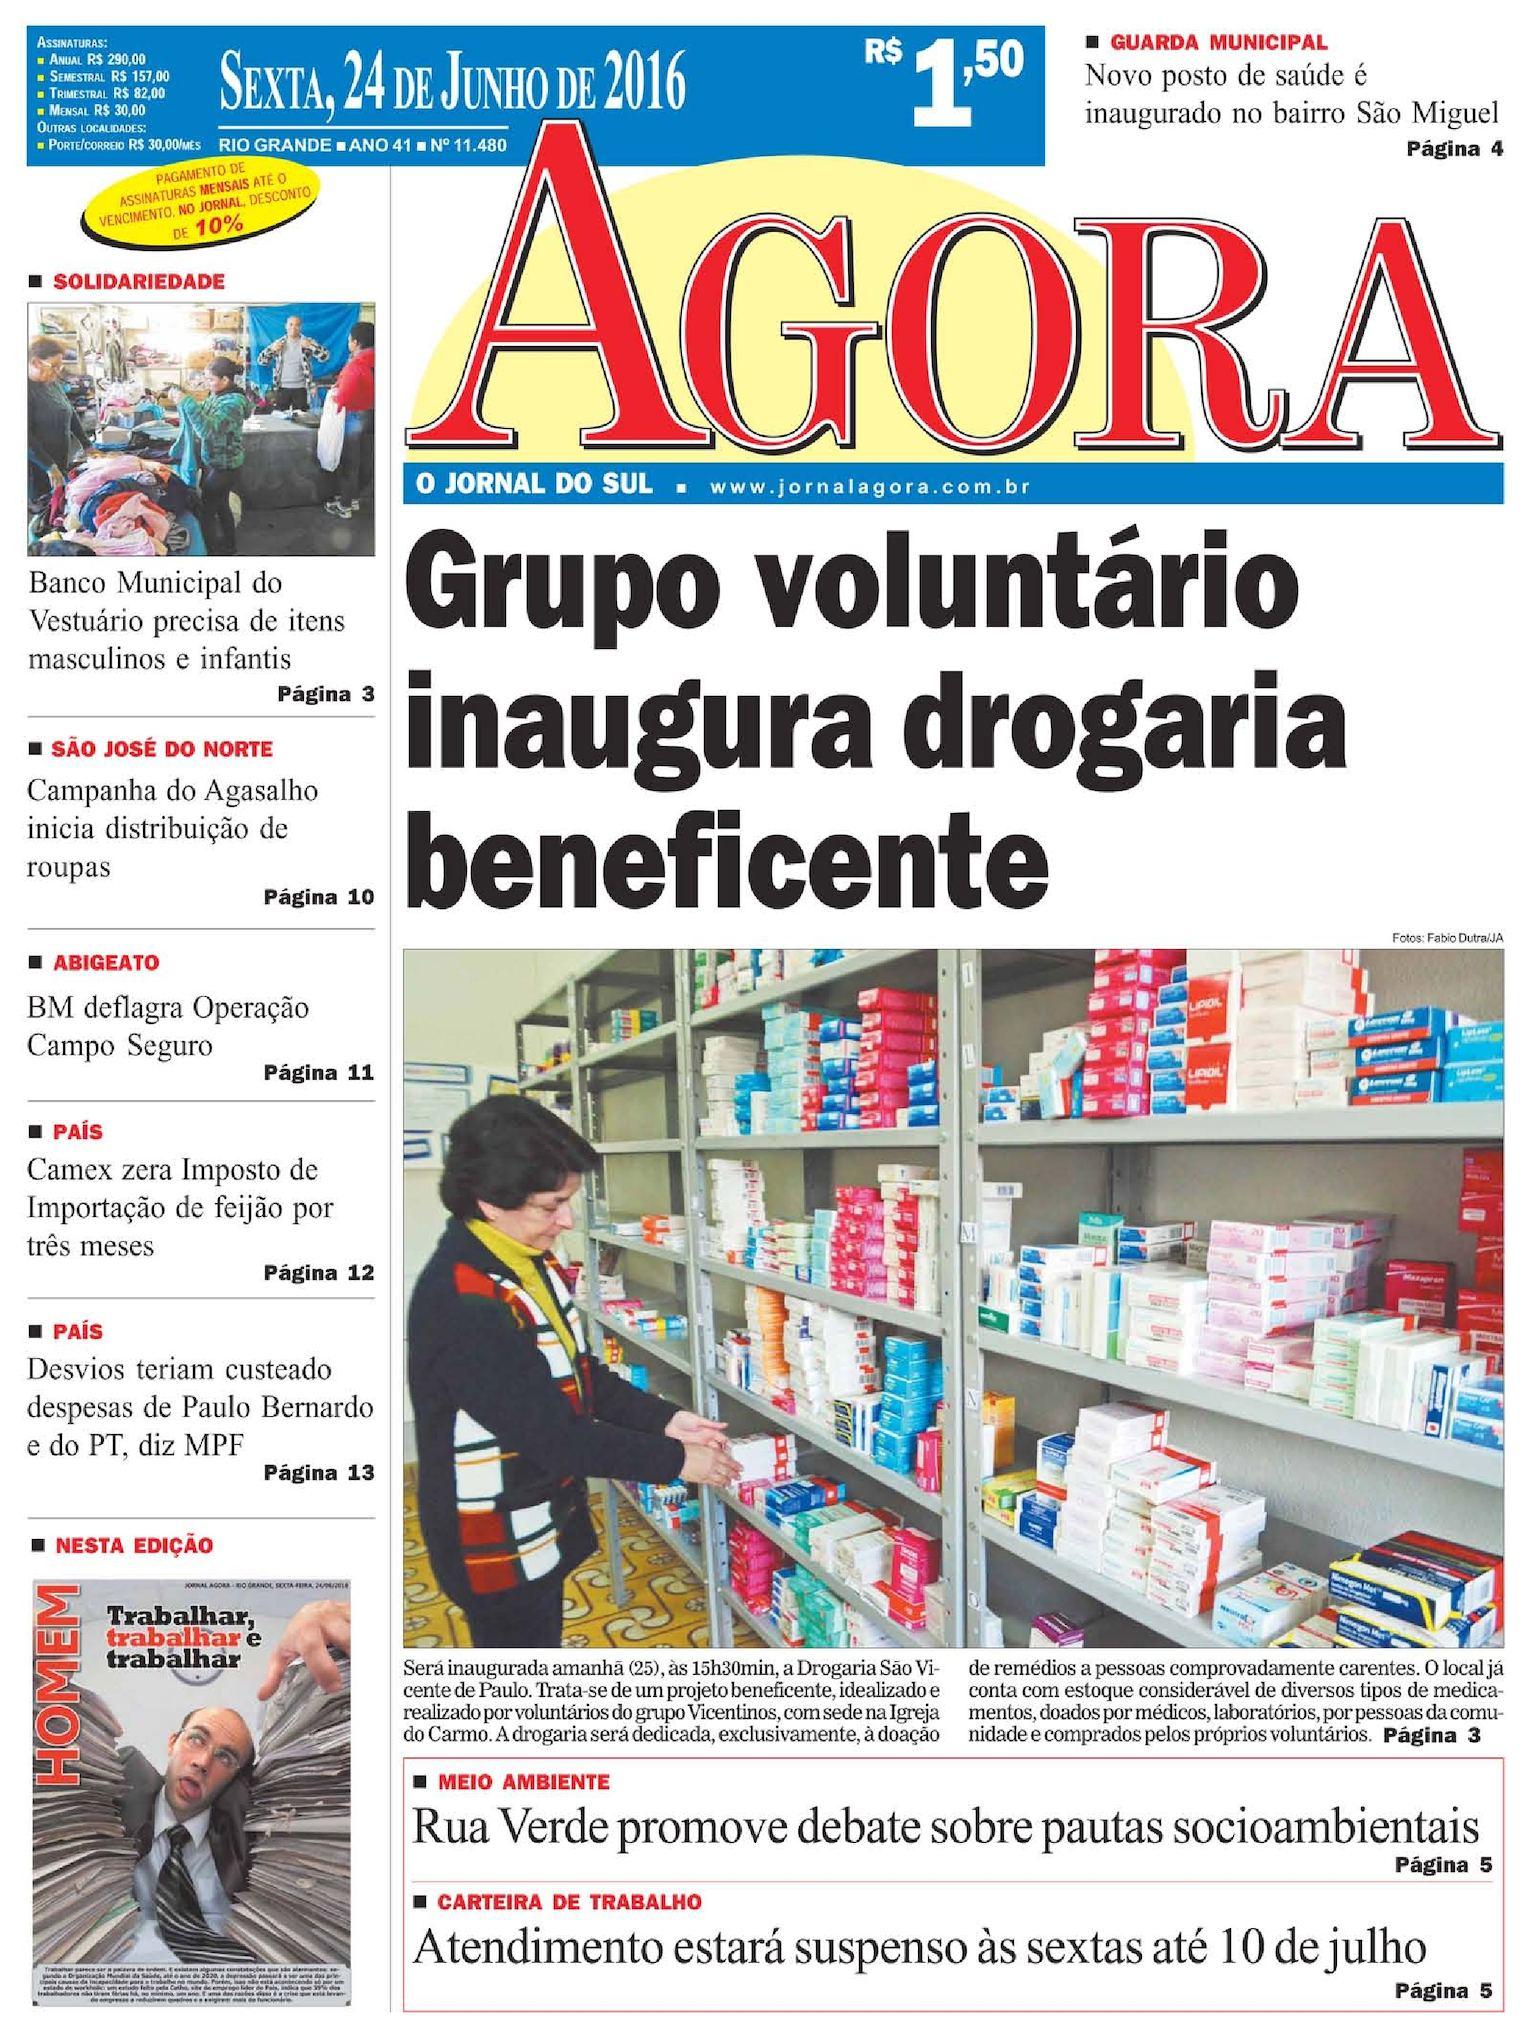 79b738d13 Calaméo - Jornal Agora - Edição 11480 - 24 de Junho de 2016